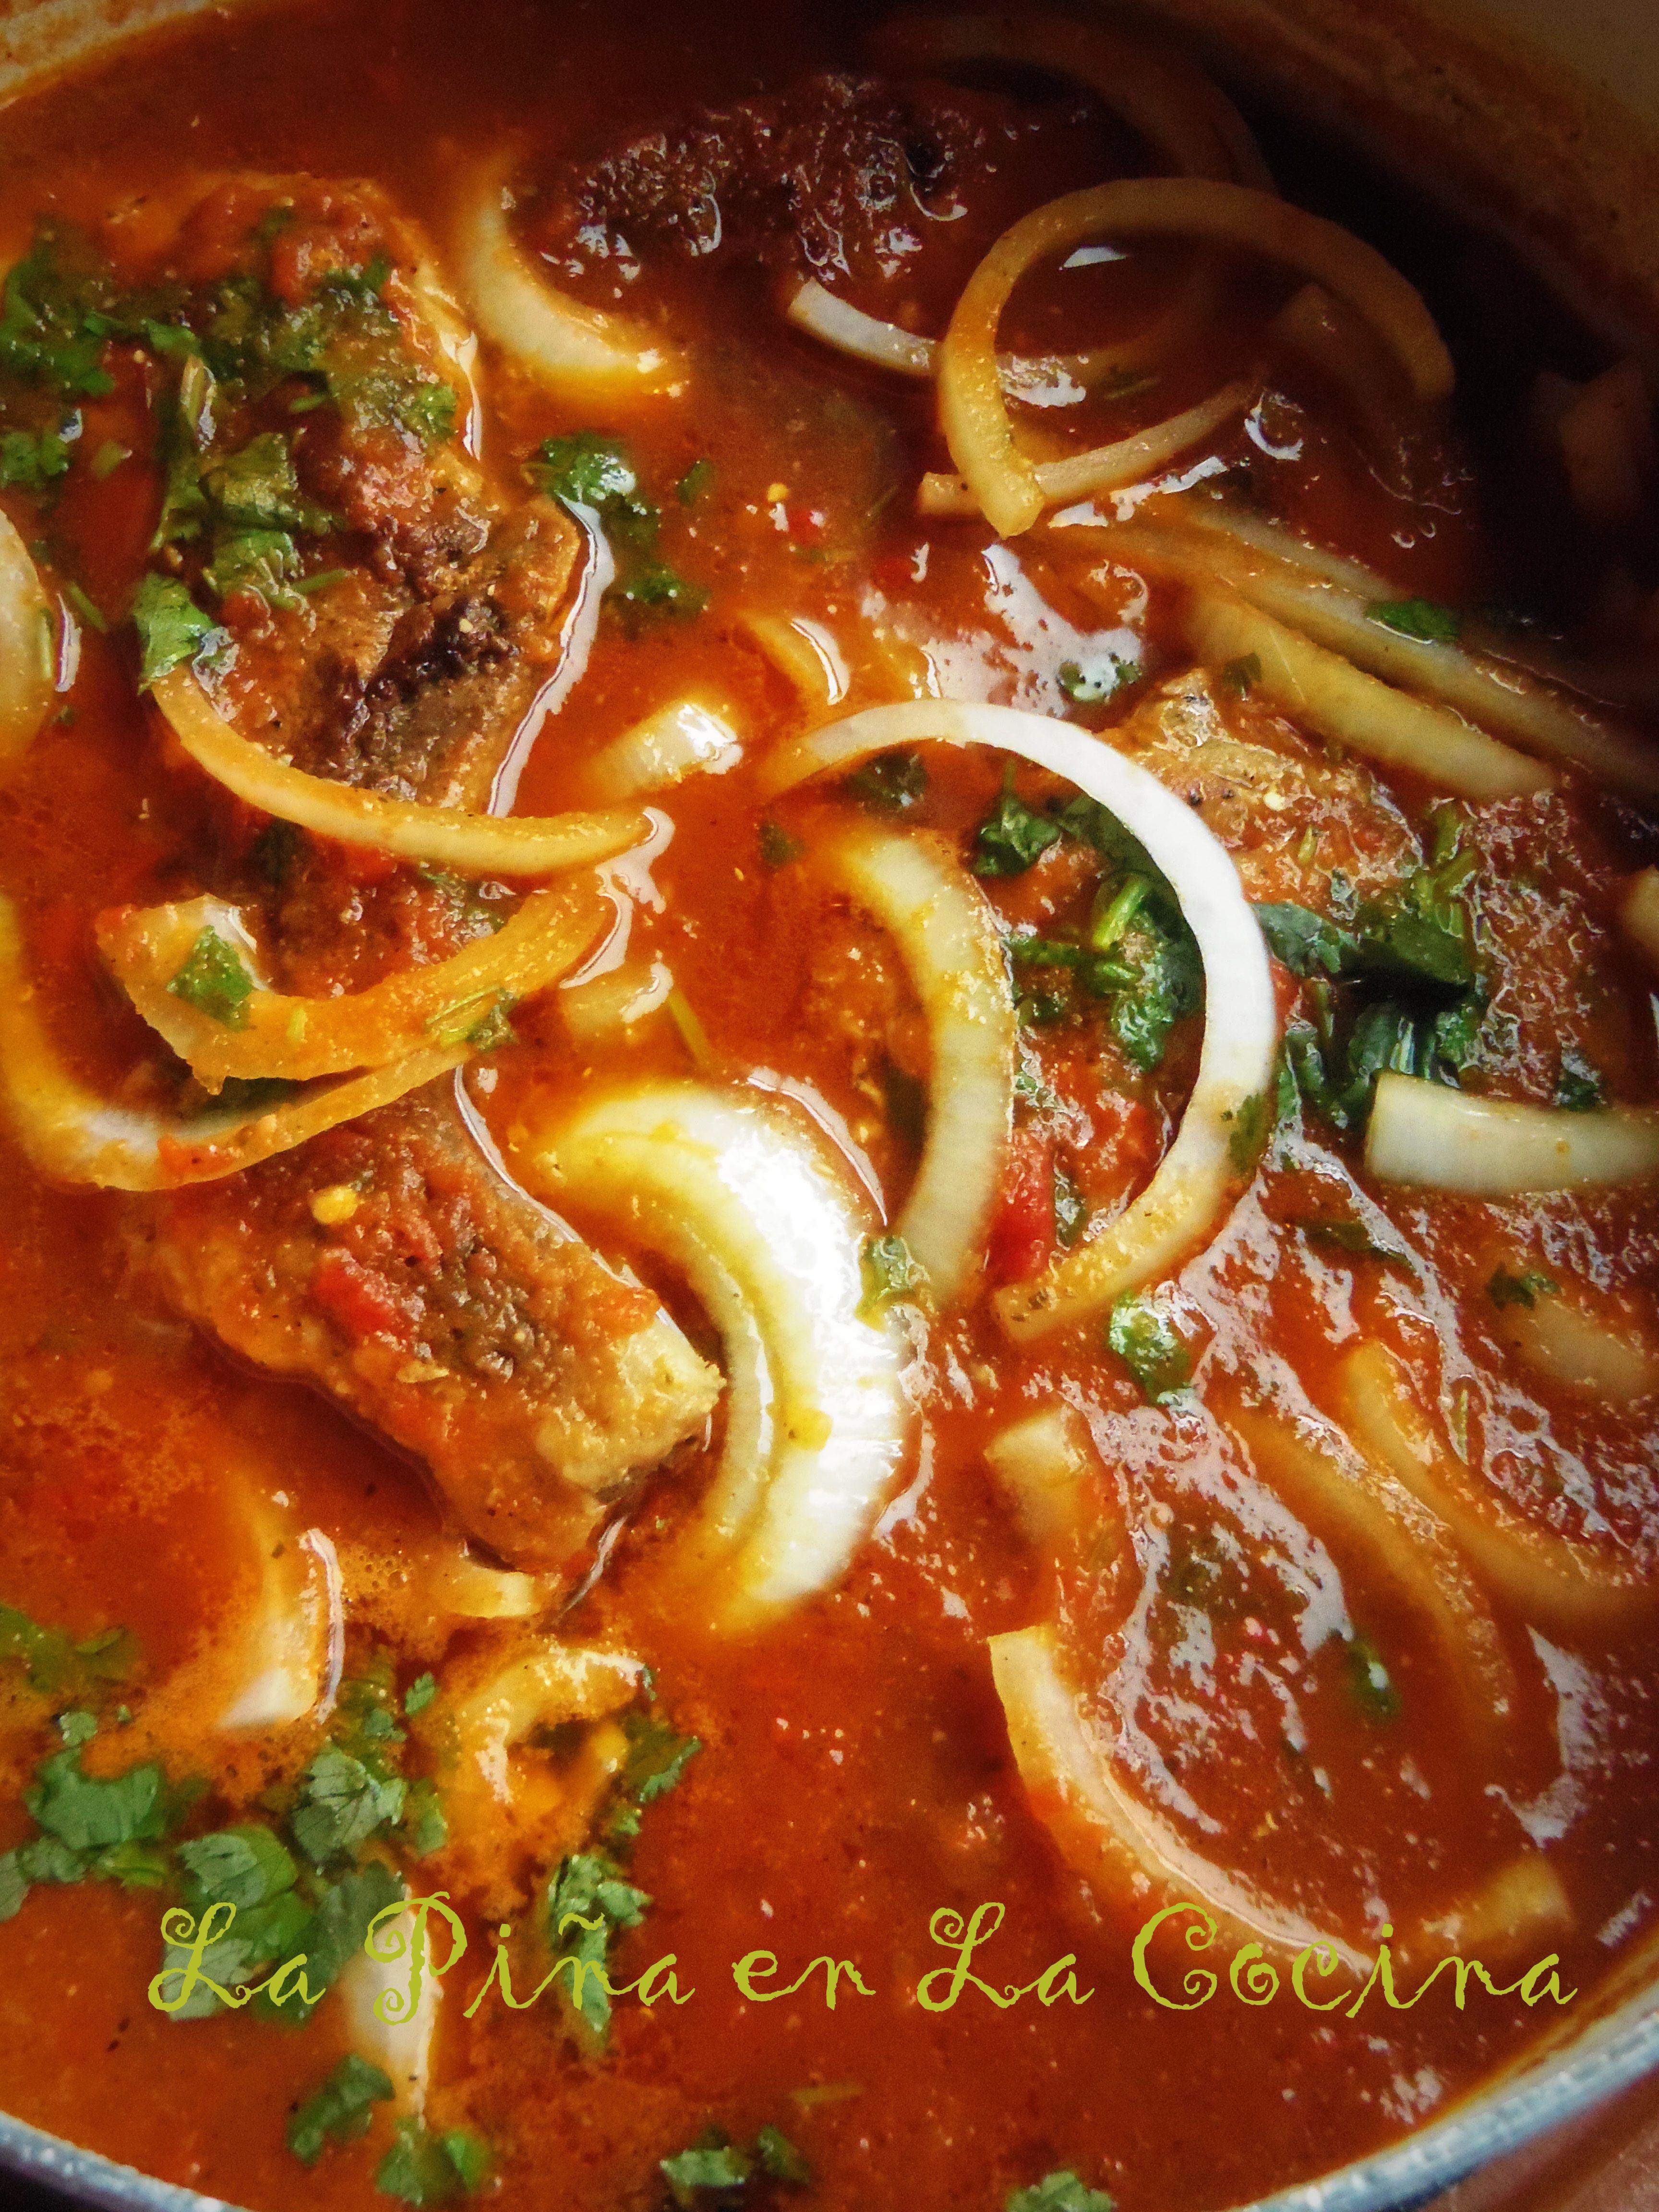 Chuletas De Puerco En Salsa Pork Chops Braised In A Fresh Tomato Salsa La Piña En La Cocina Recipe Mexican Food Recipes Authentic Mexican Food Recipes Mexican Cooking